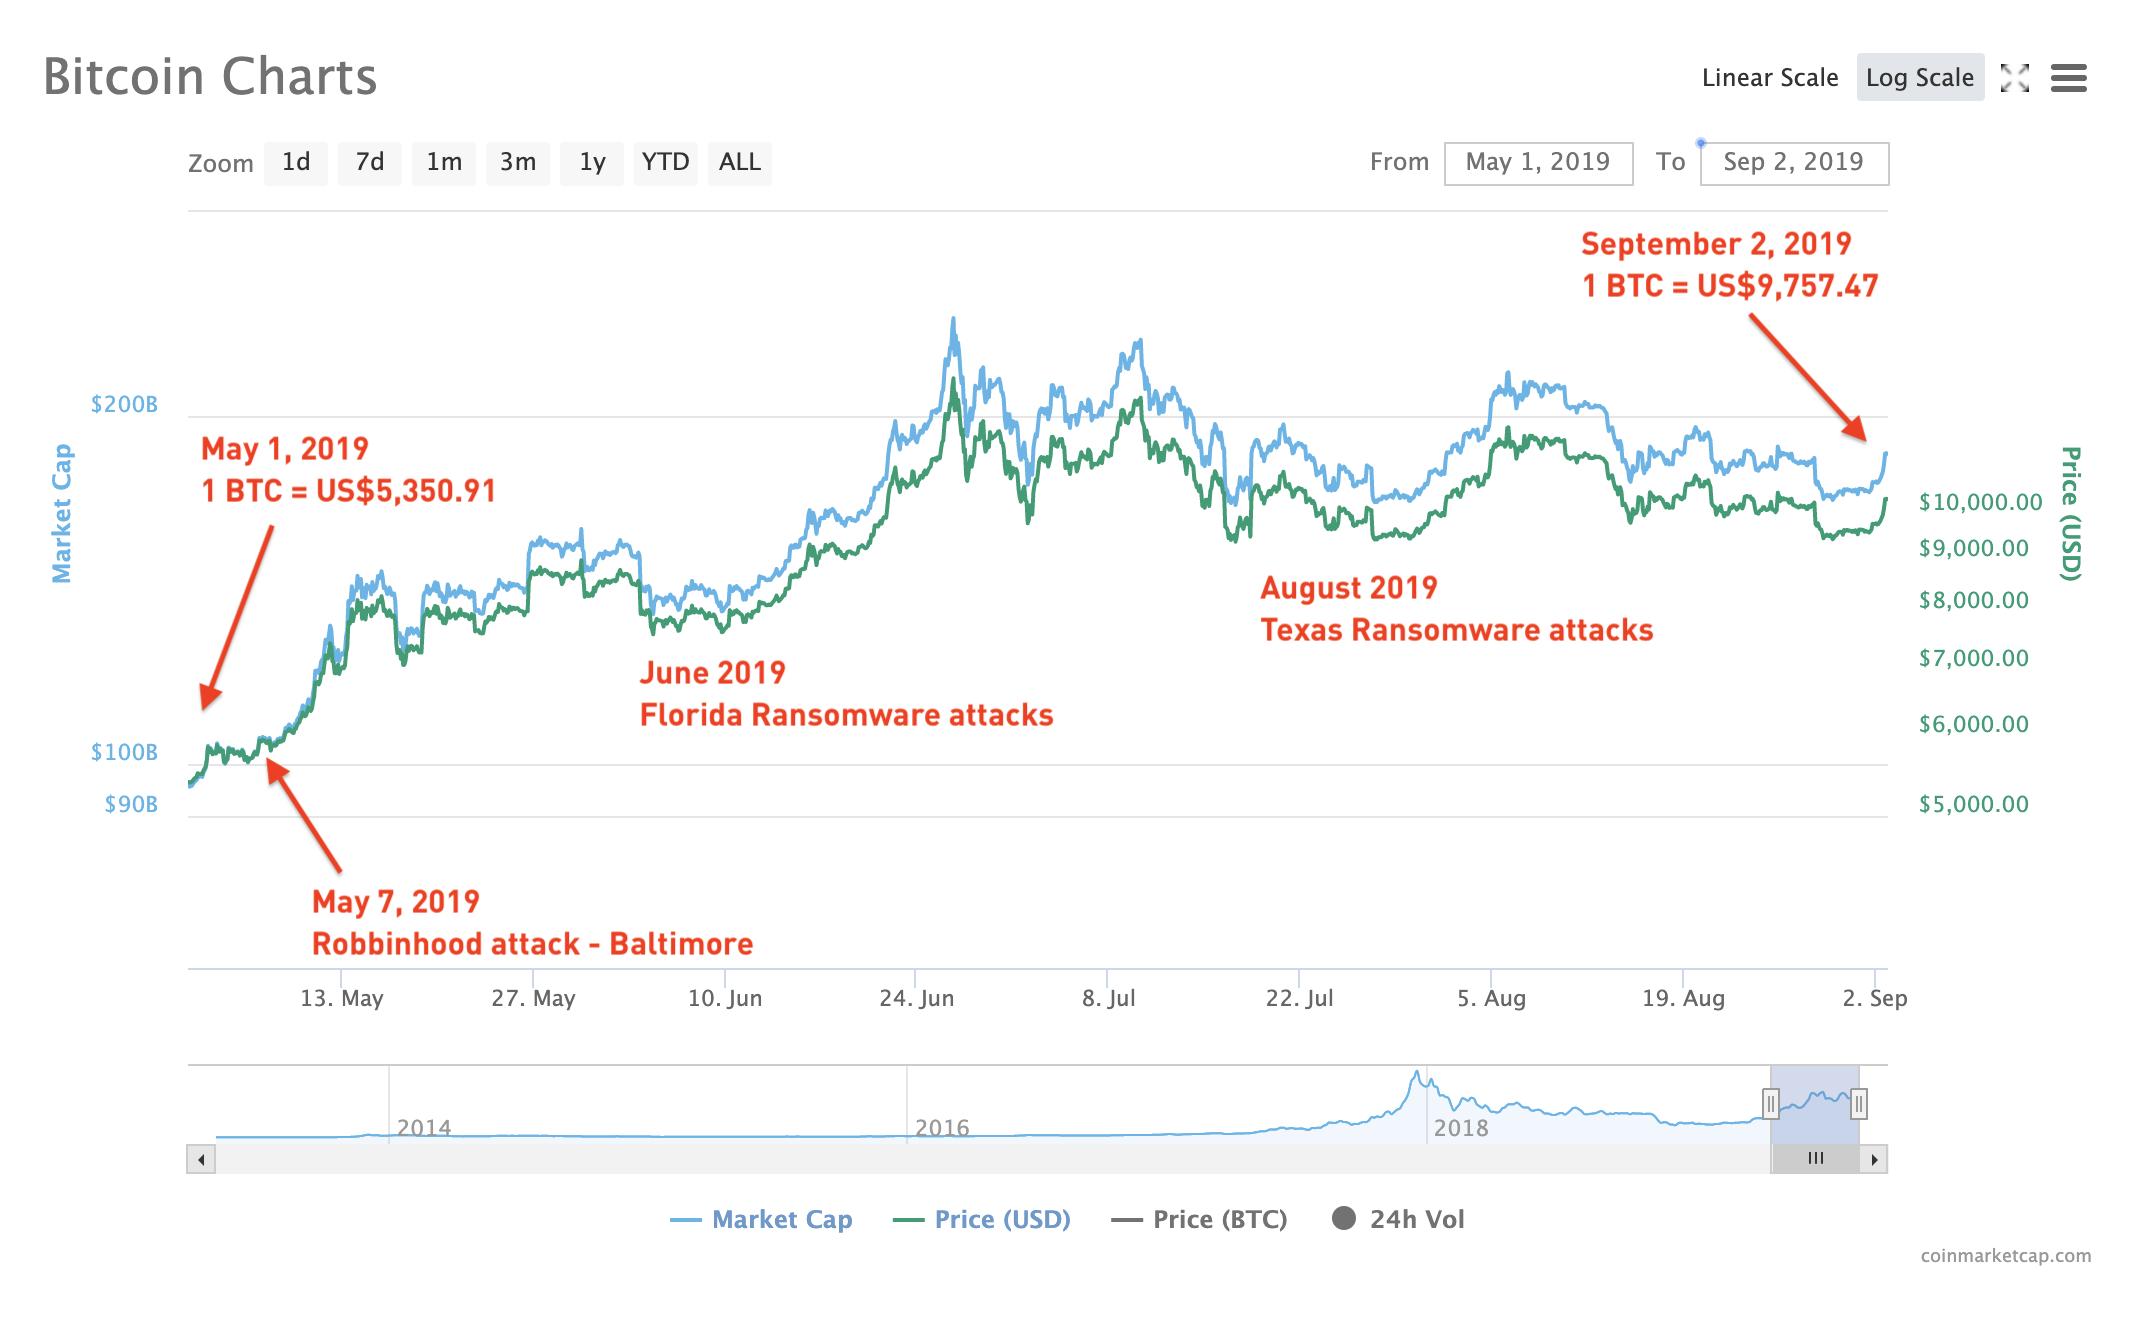 models of cryptocurrency vs price behavior